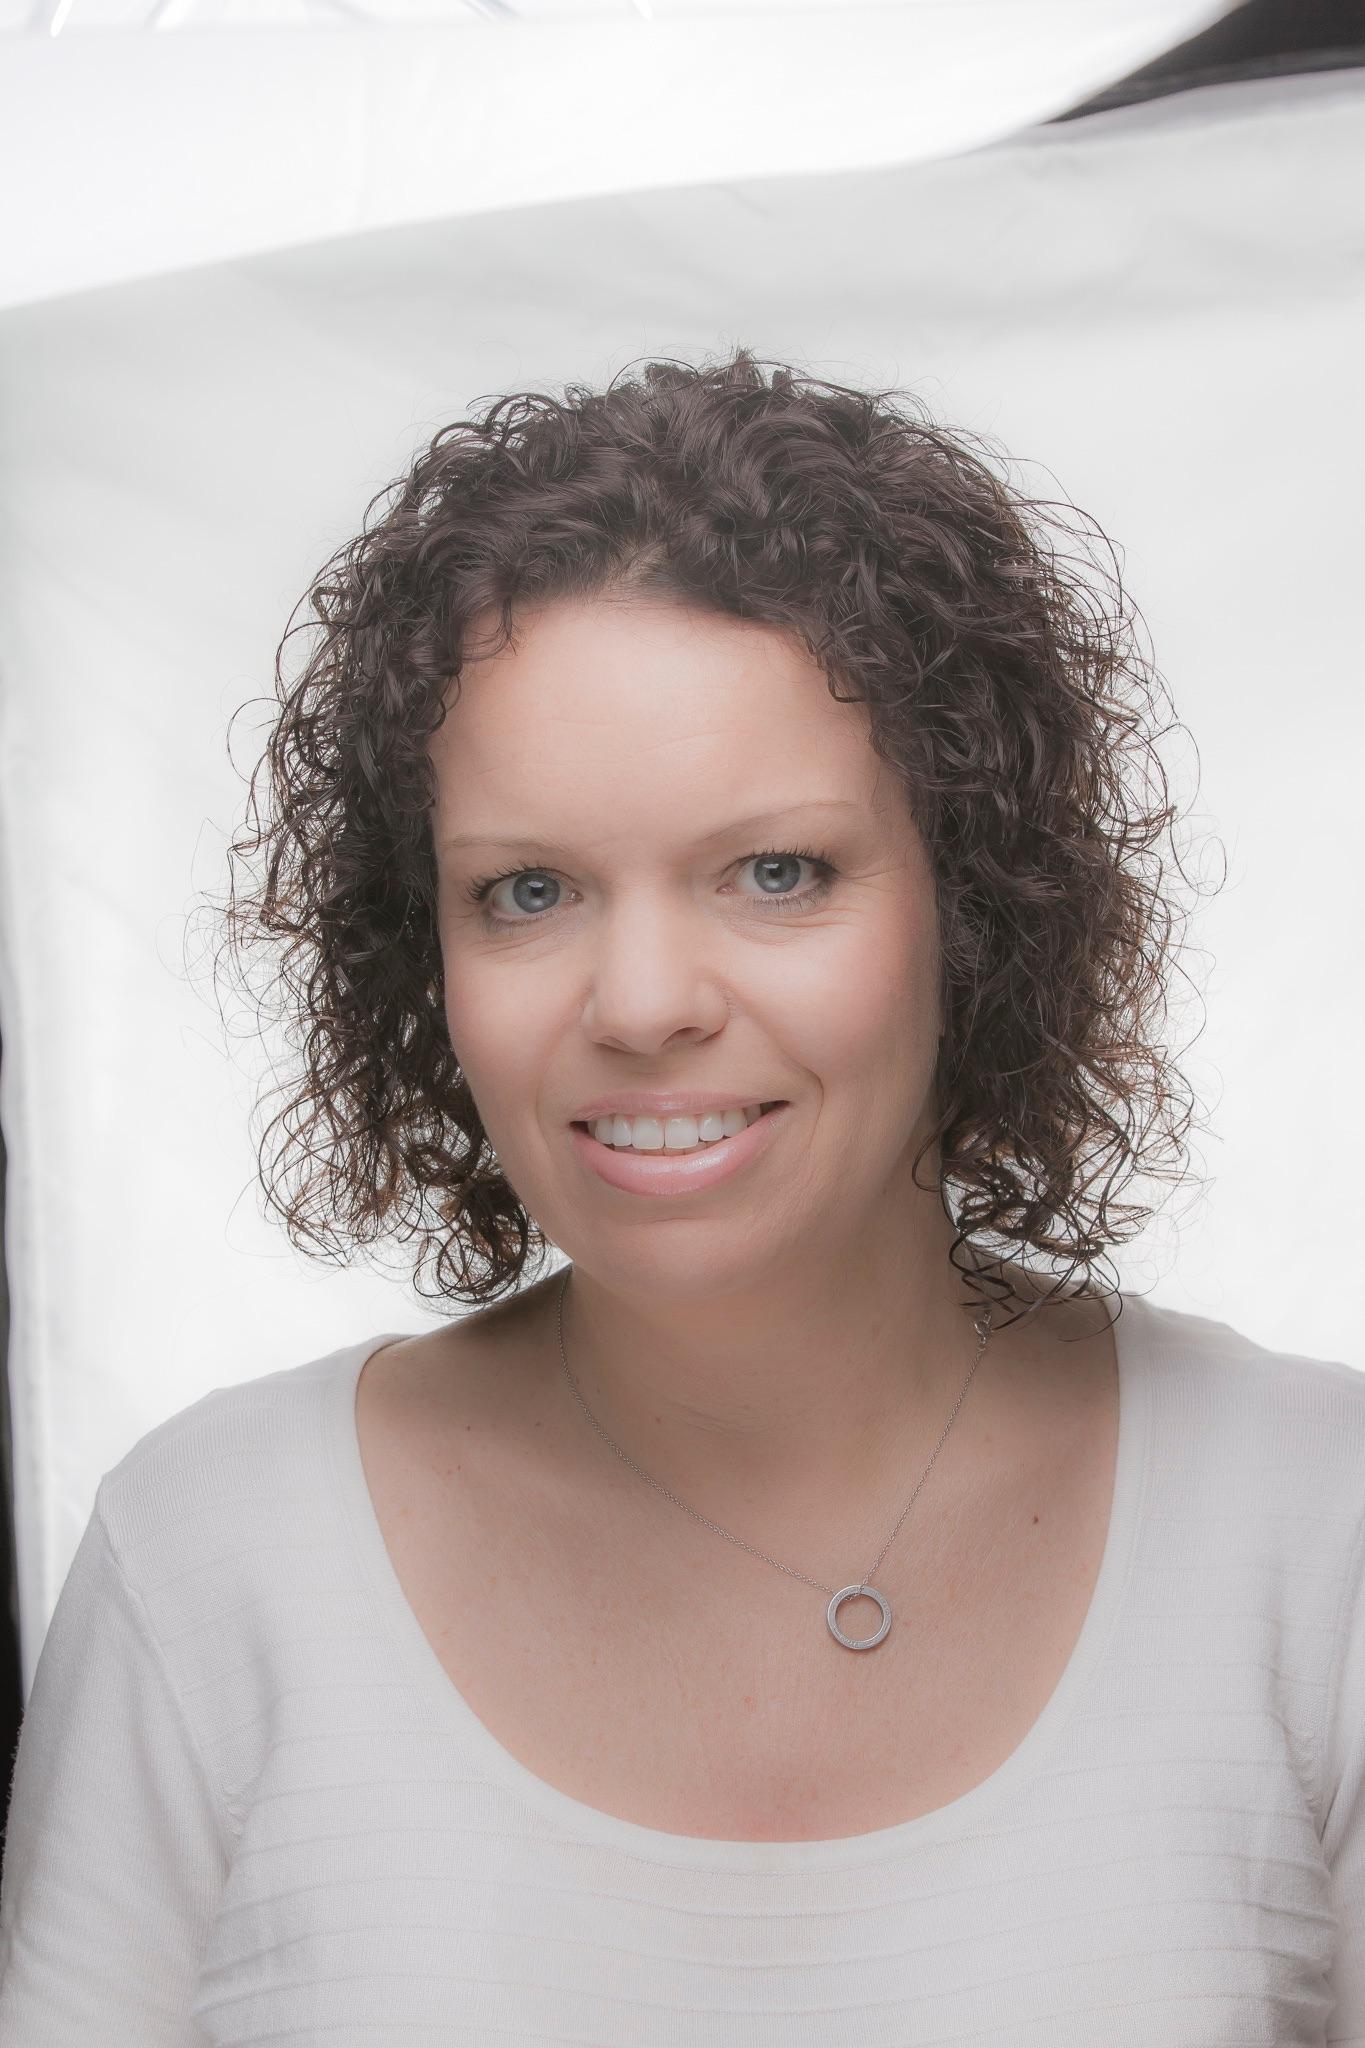 Shona's profile picture